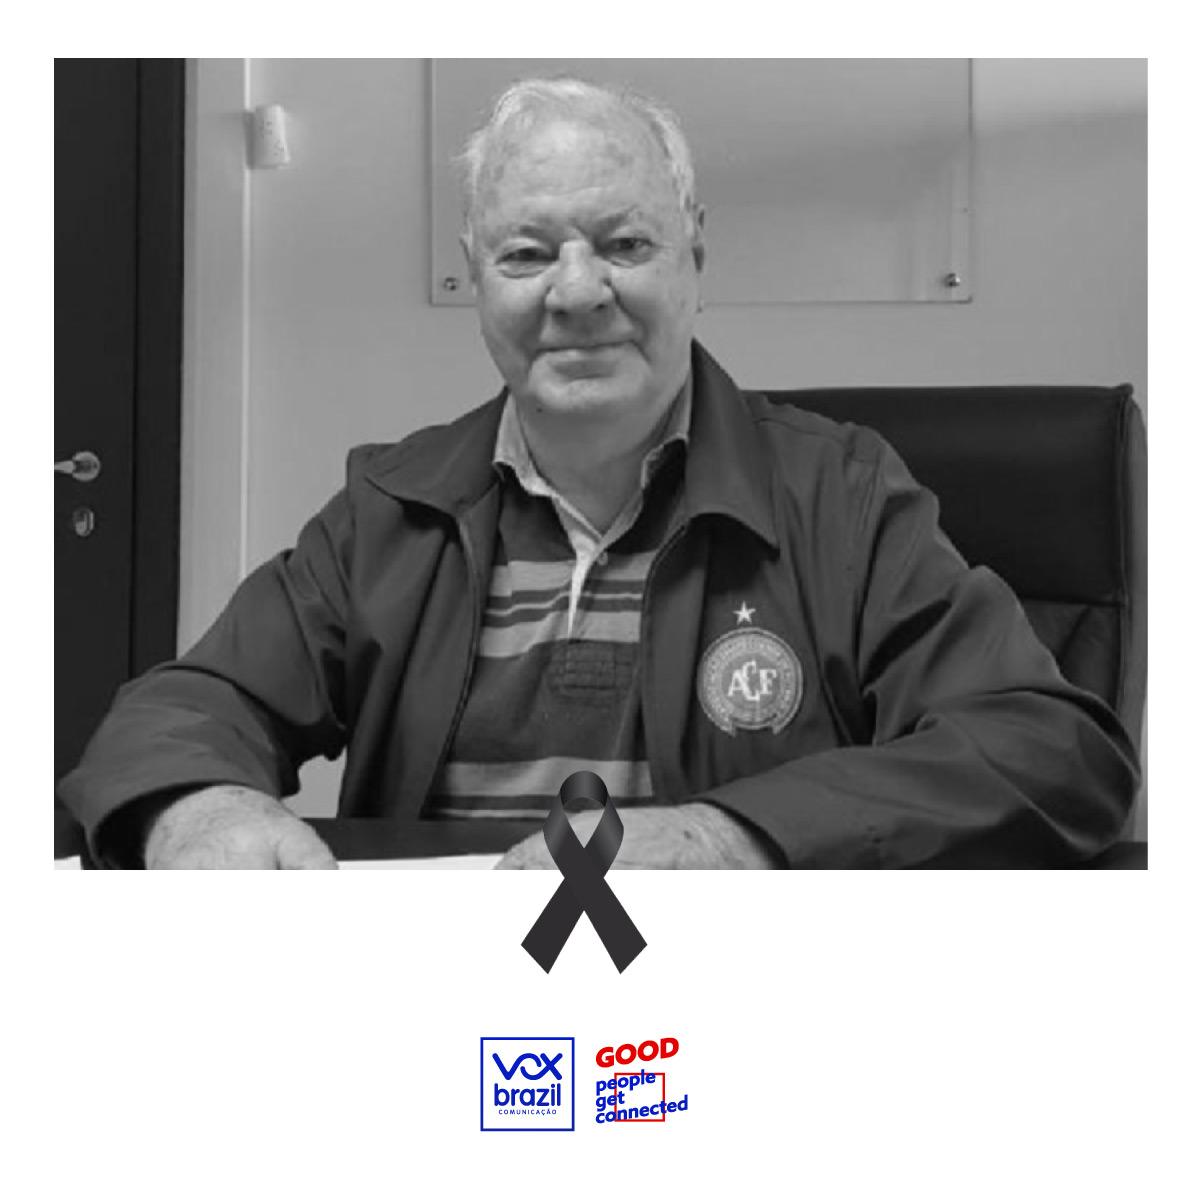 Estamos de luto por um grande profissional, ser humano e acima de tudo grande amigo.